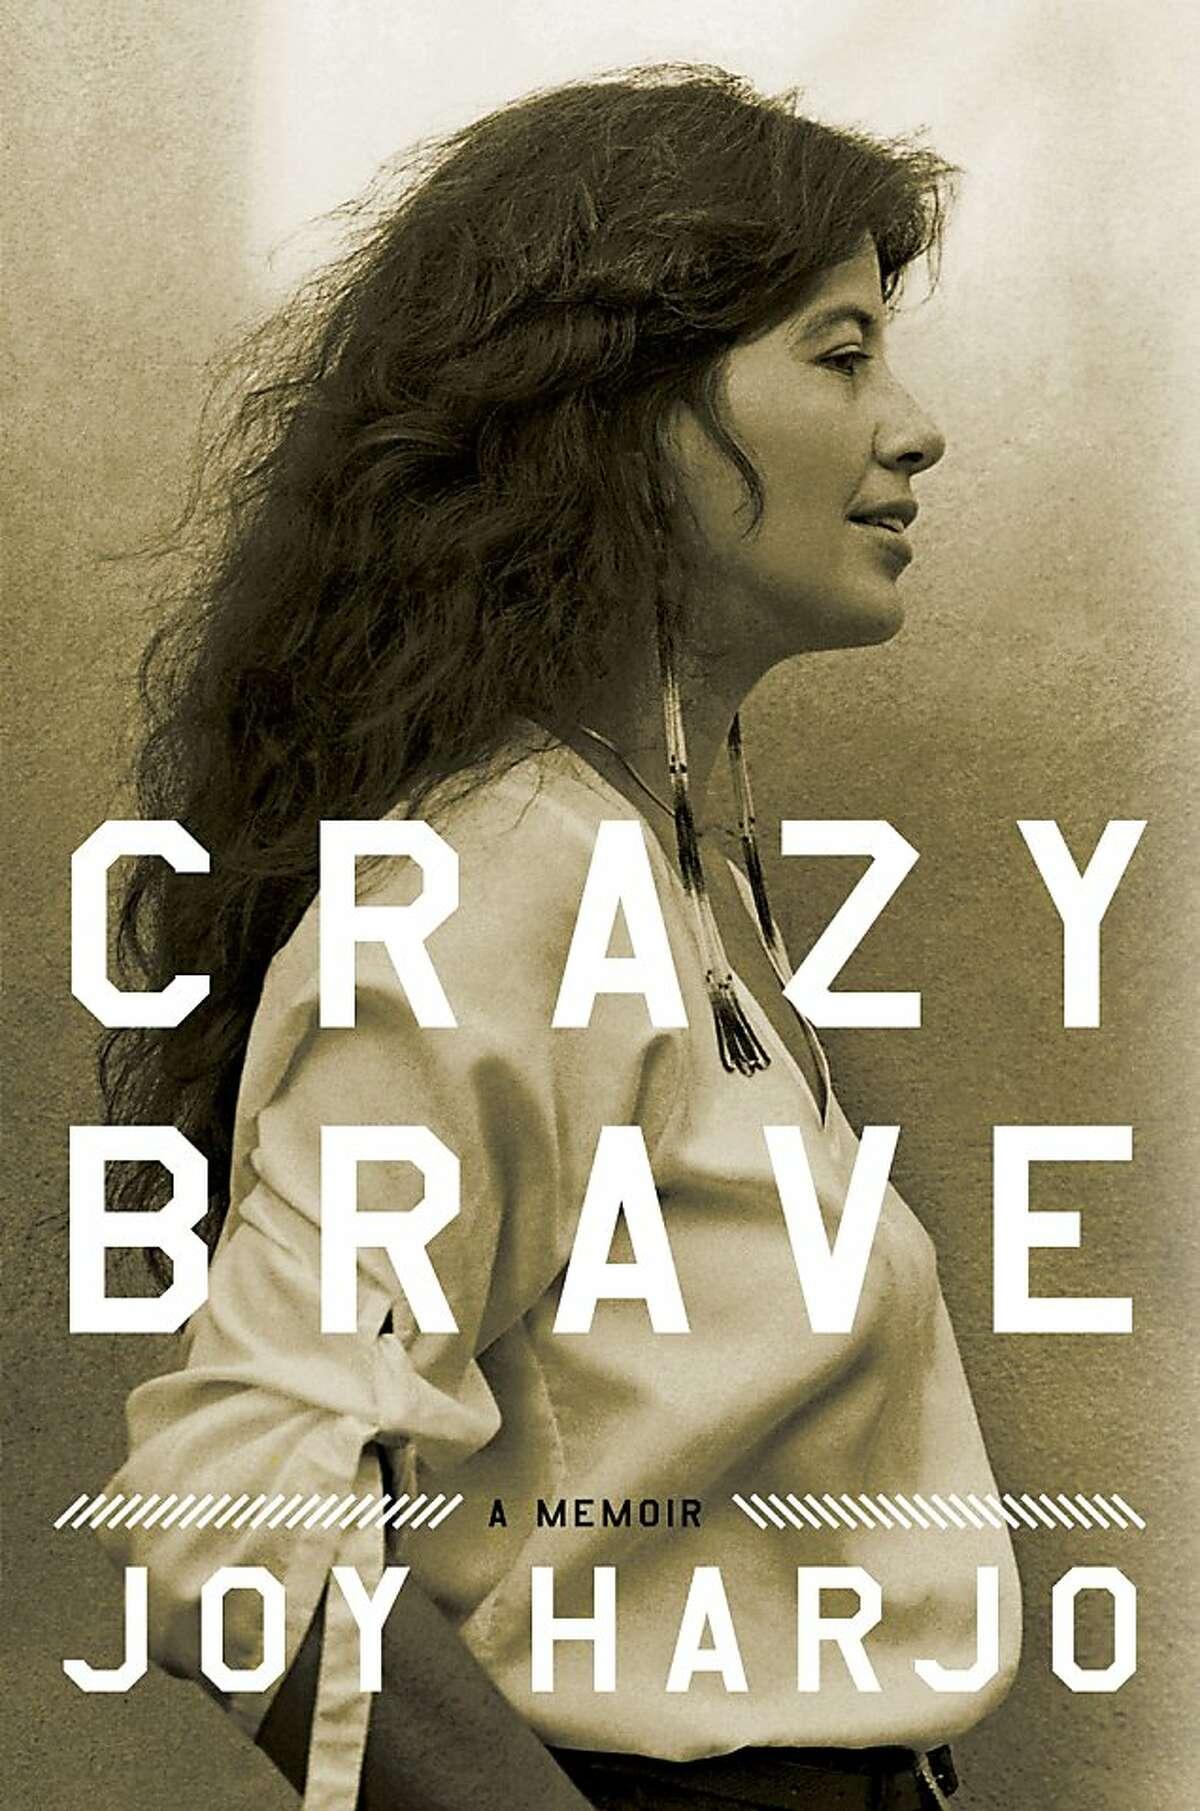 Crazy Brave, by Joy Harjo